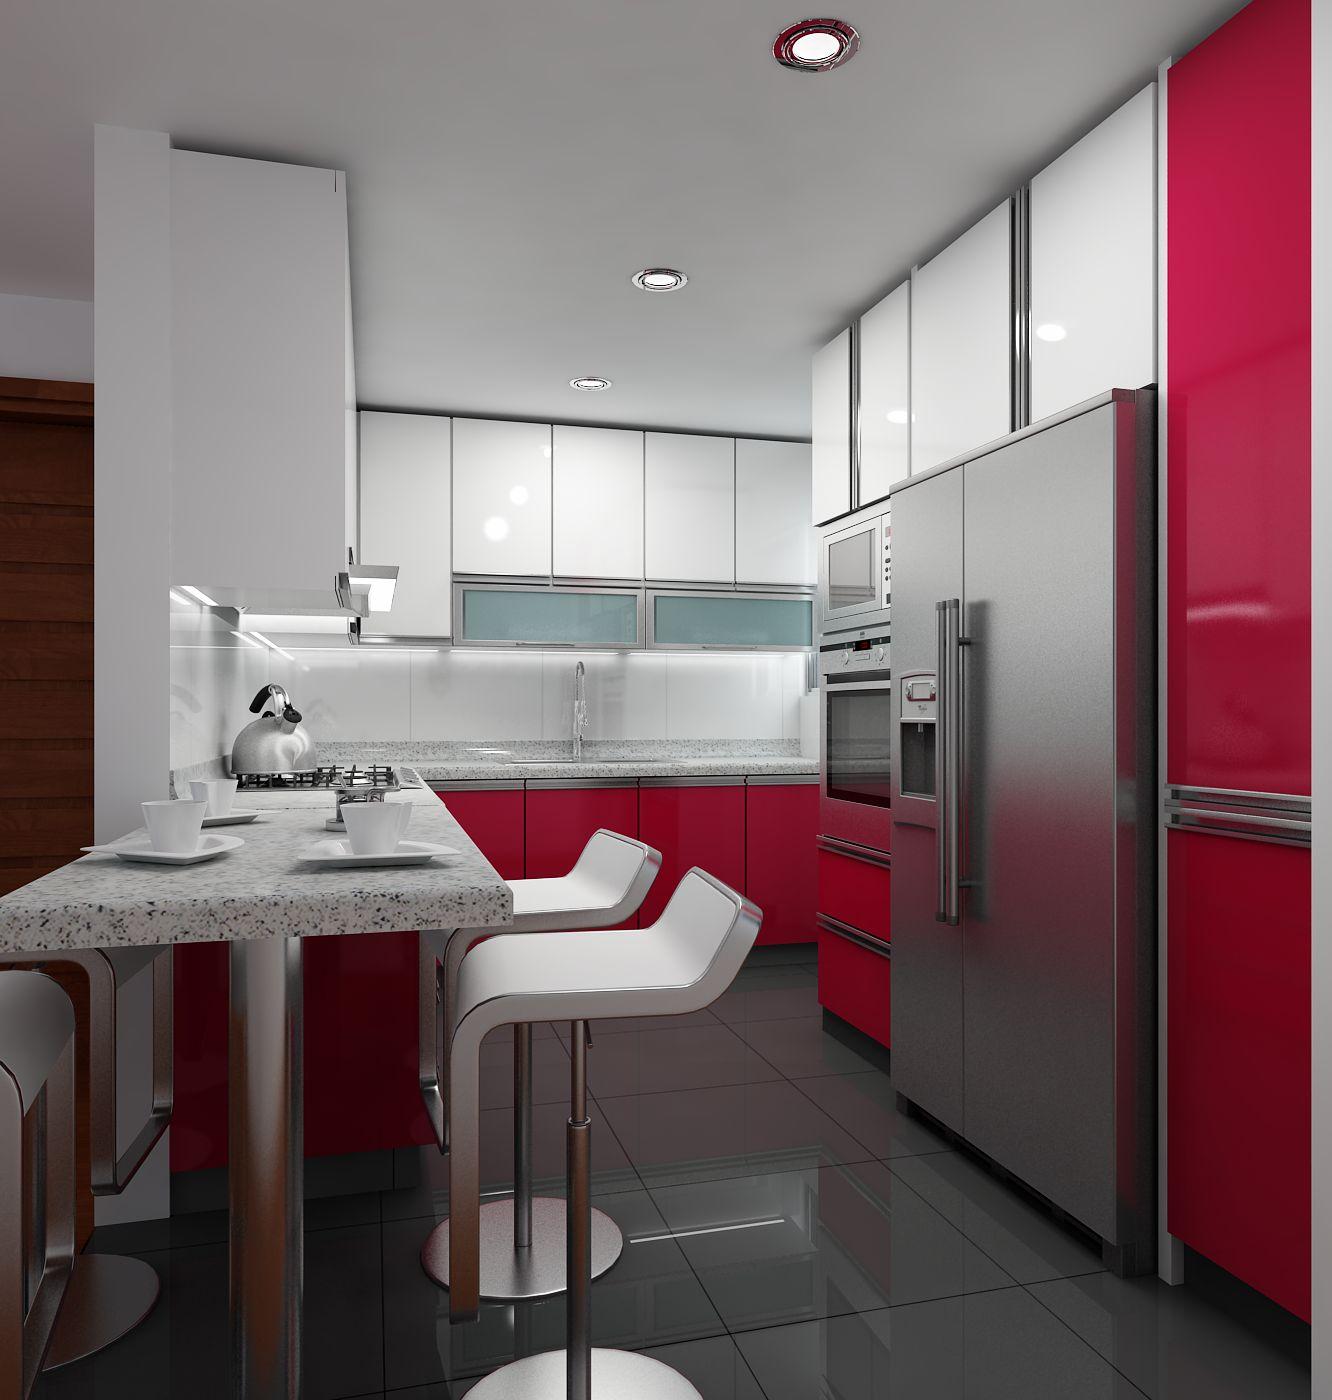 Cocina-202a-3500-3500